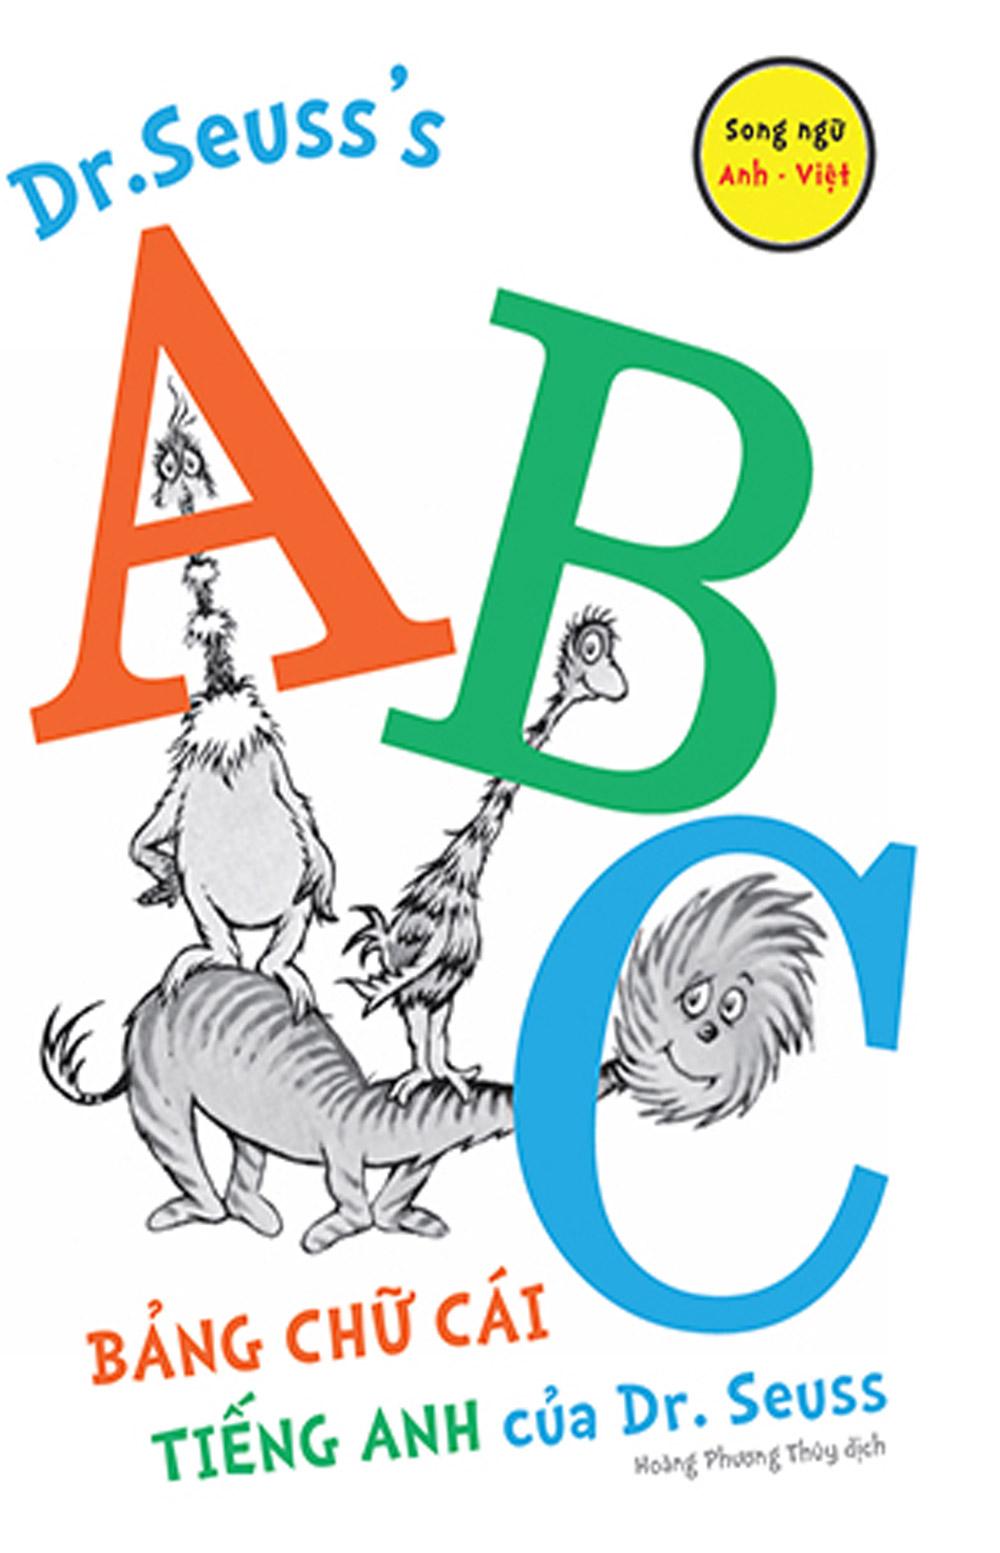 Dr. Seuss's ABC - Bảng Chữ Cái Tiếng Anh Của Dr. Seuss